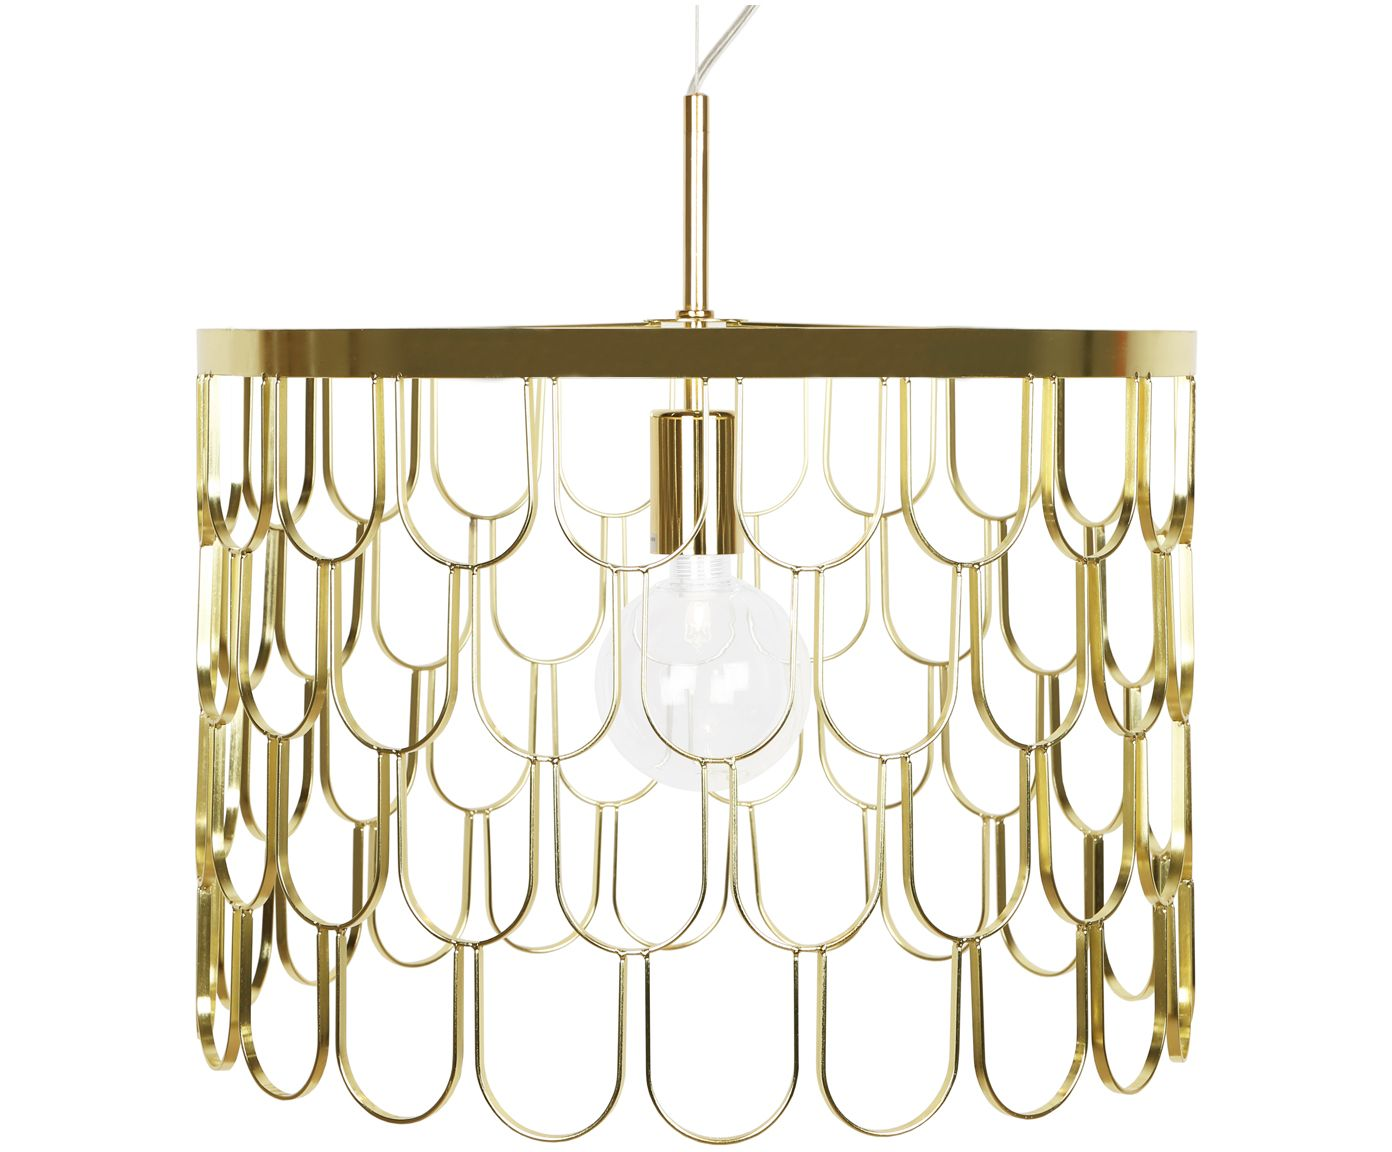 Hanglamp Gatsby Deckenlampe Hangeleuchte Lampen